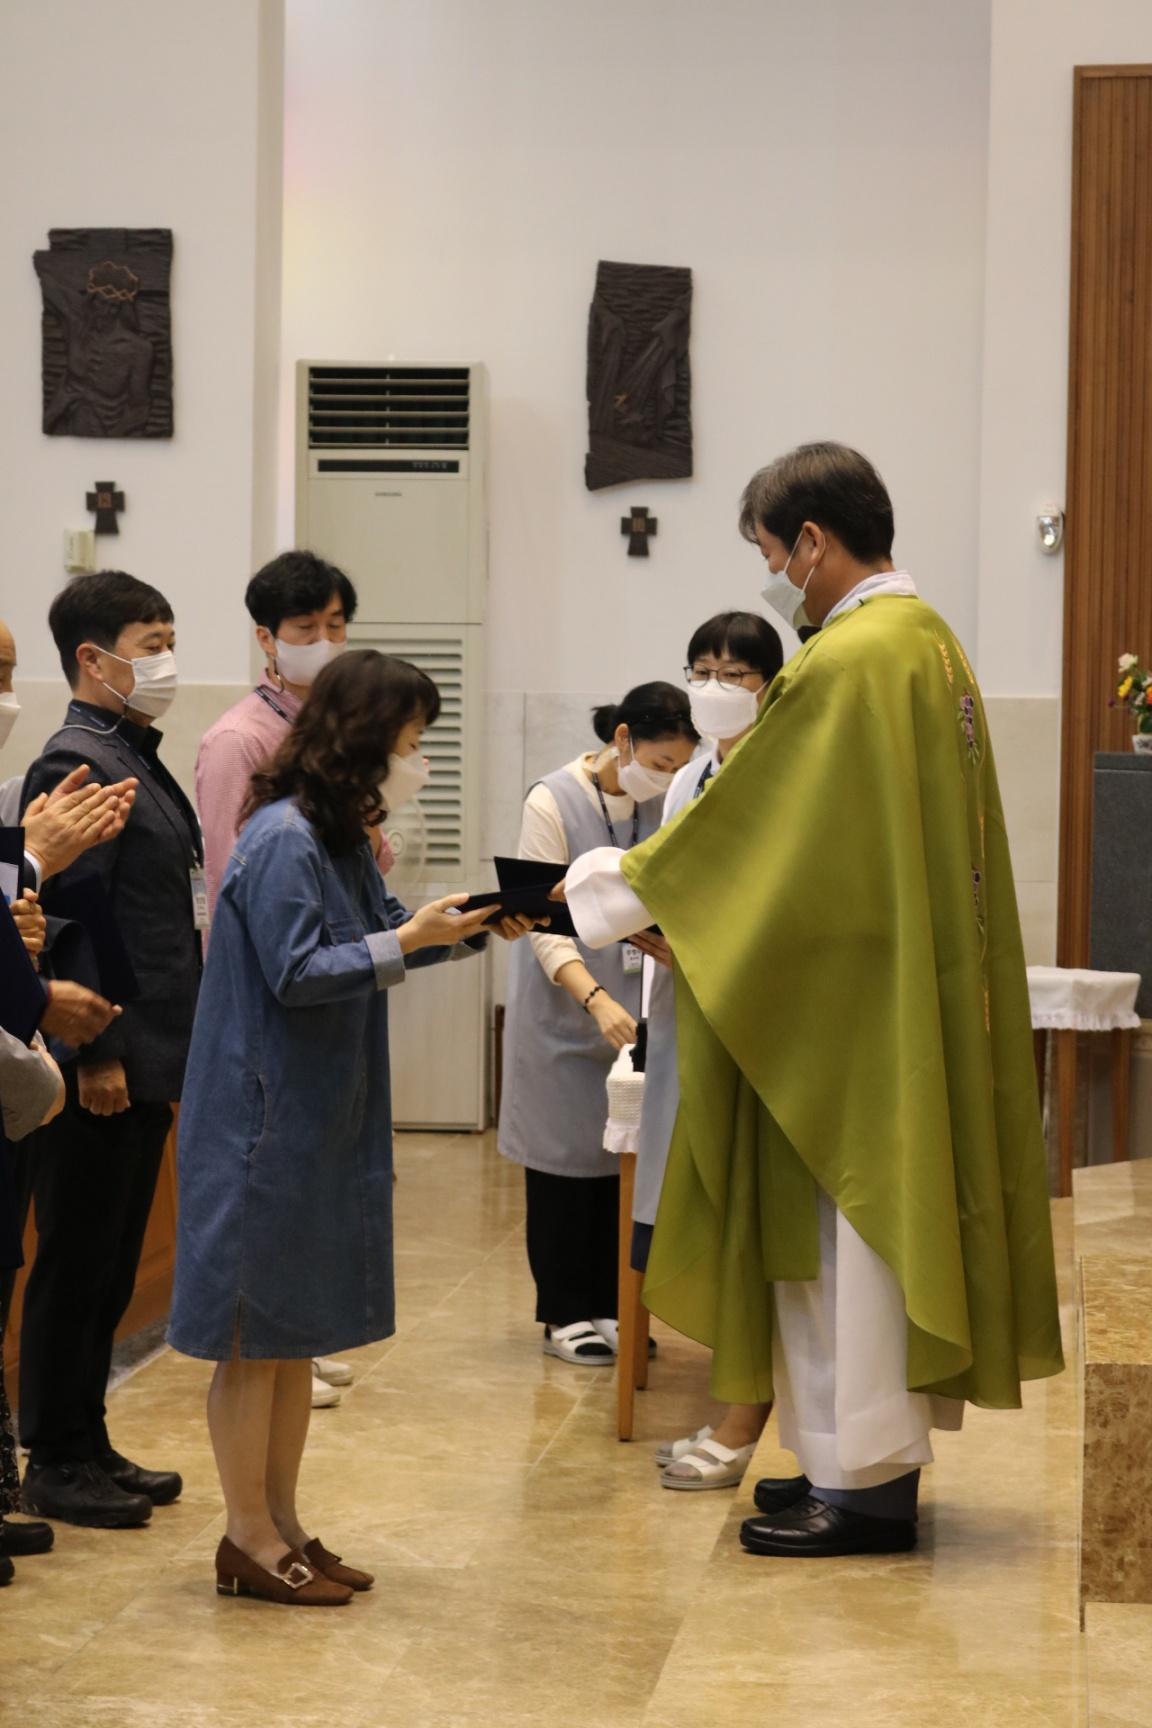 batch_2020-10-11 제11회 본당의 날  (37).JPG